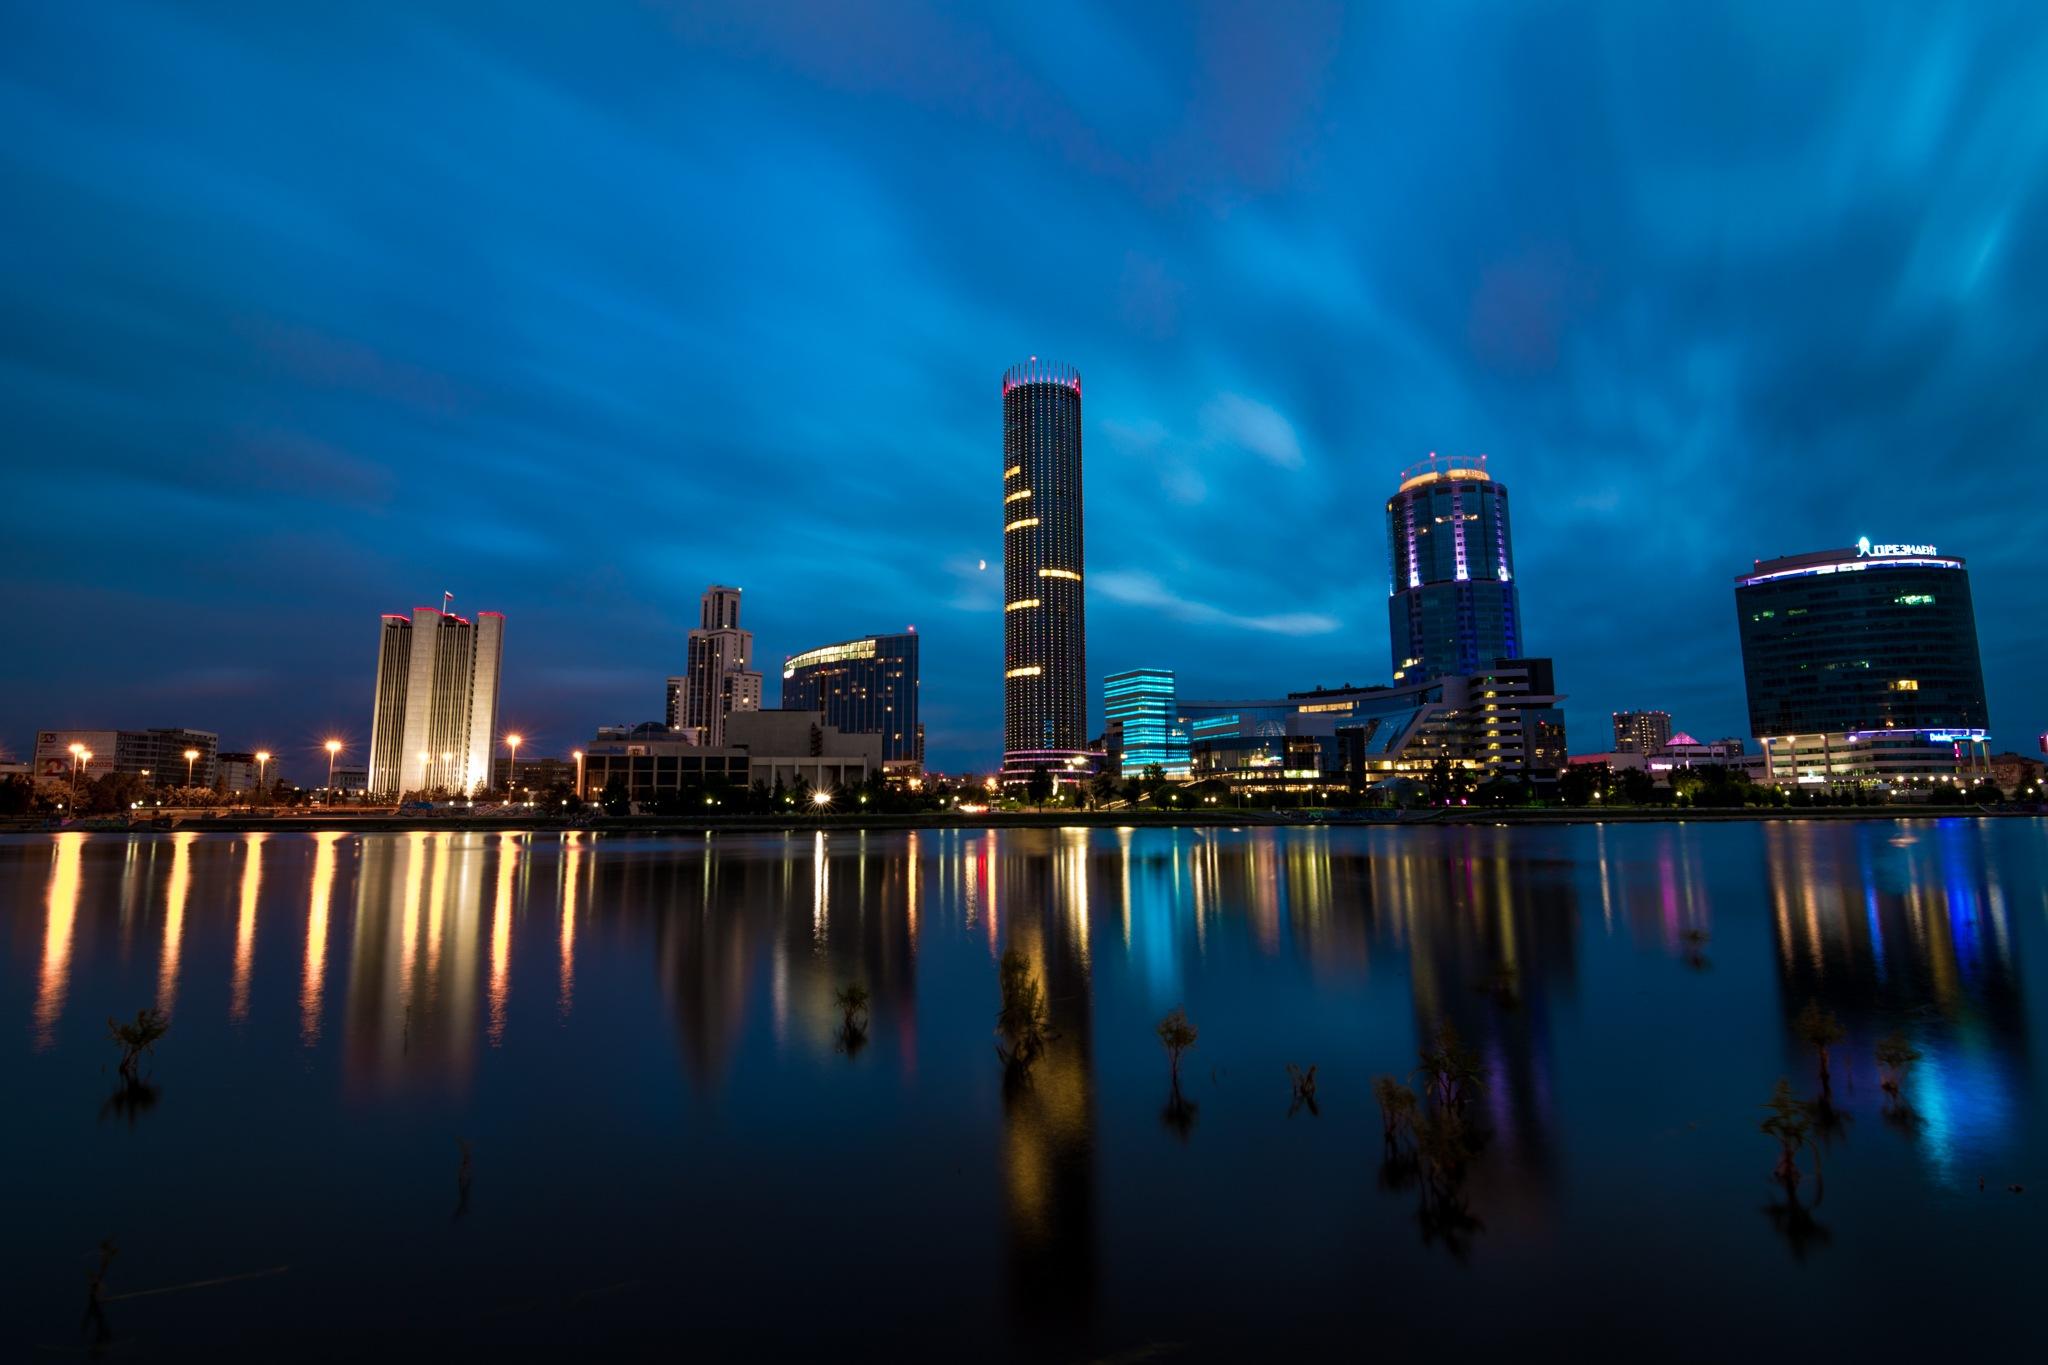 Night cityscape of Yekaterinburg by Sergey Egorov